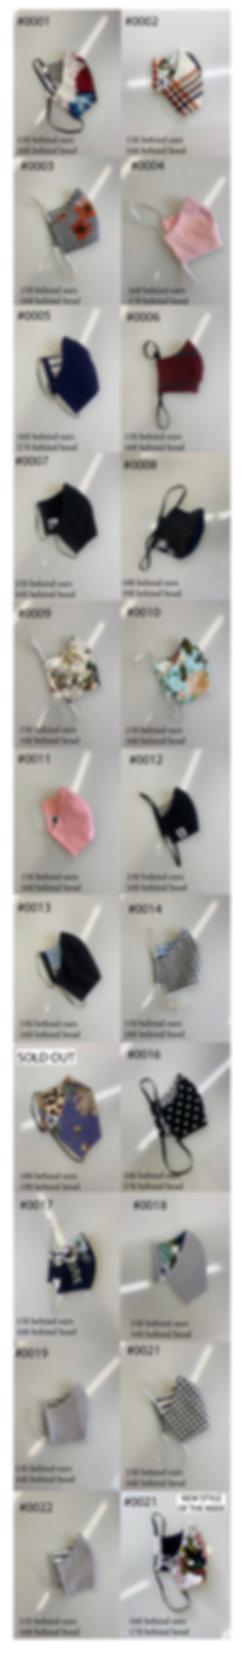 new prices for masks .jpg